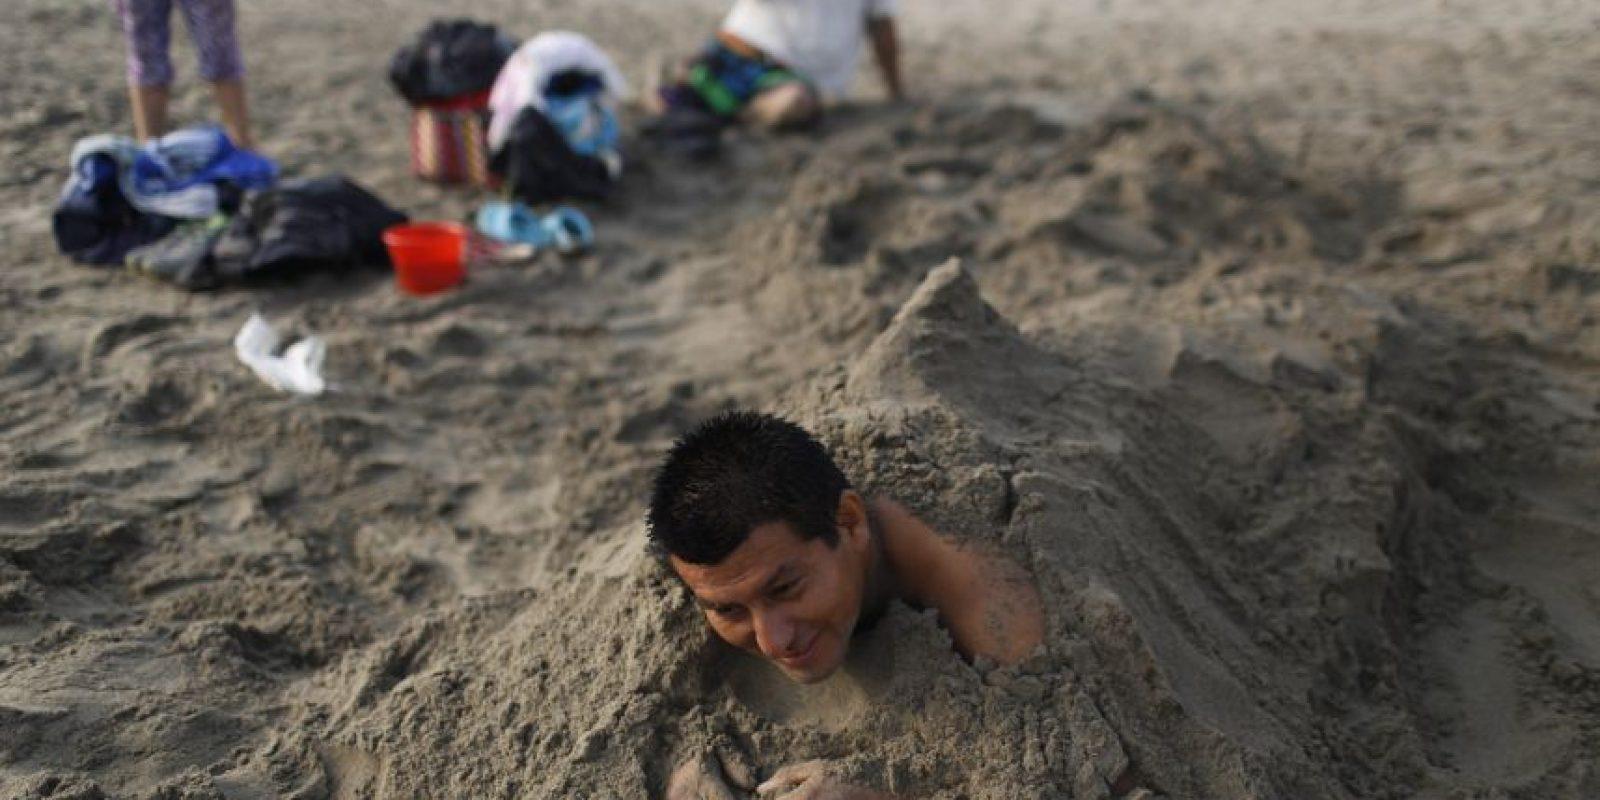 """En esta imagen, tomada el 25 de abril de 2015, Víctor Villanueva descansa en la arena de la playa Pescadores durante una sesión de """"arenoterapia"""" en la costa del océano Pacífico en Lima, Perú. Villanueva es uno de los muchos que practican talasoterapia en la costa limeña en busca de alivio para dolencias que los médicos no han podido curar. Foto:AP/ Rodrigo Abd"""